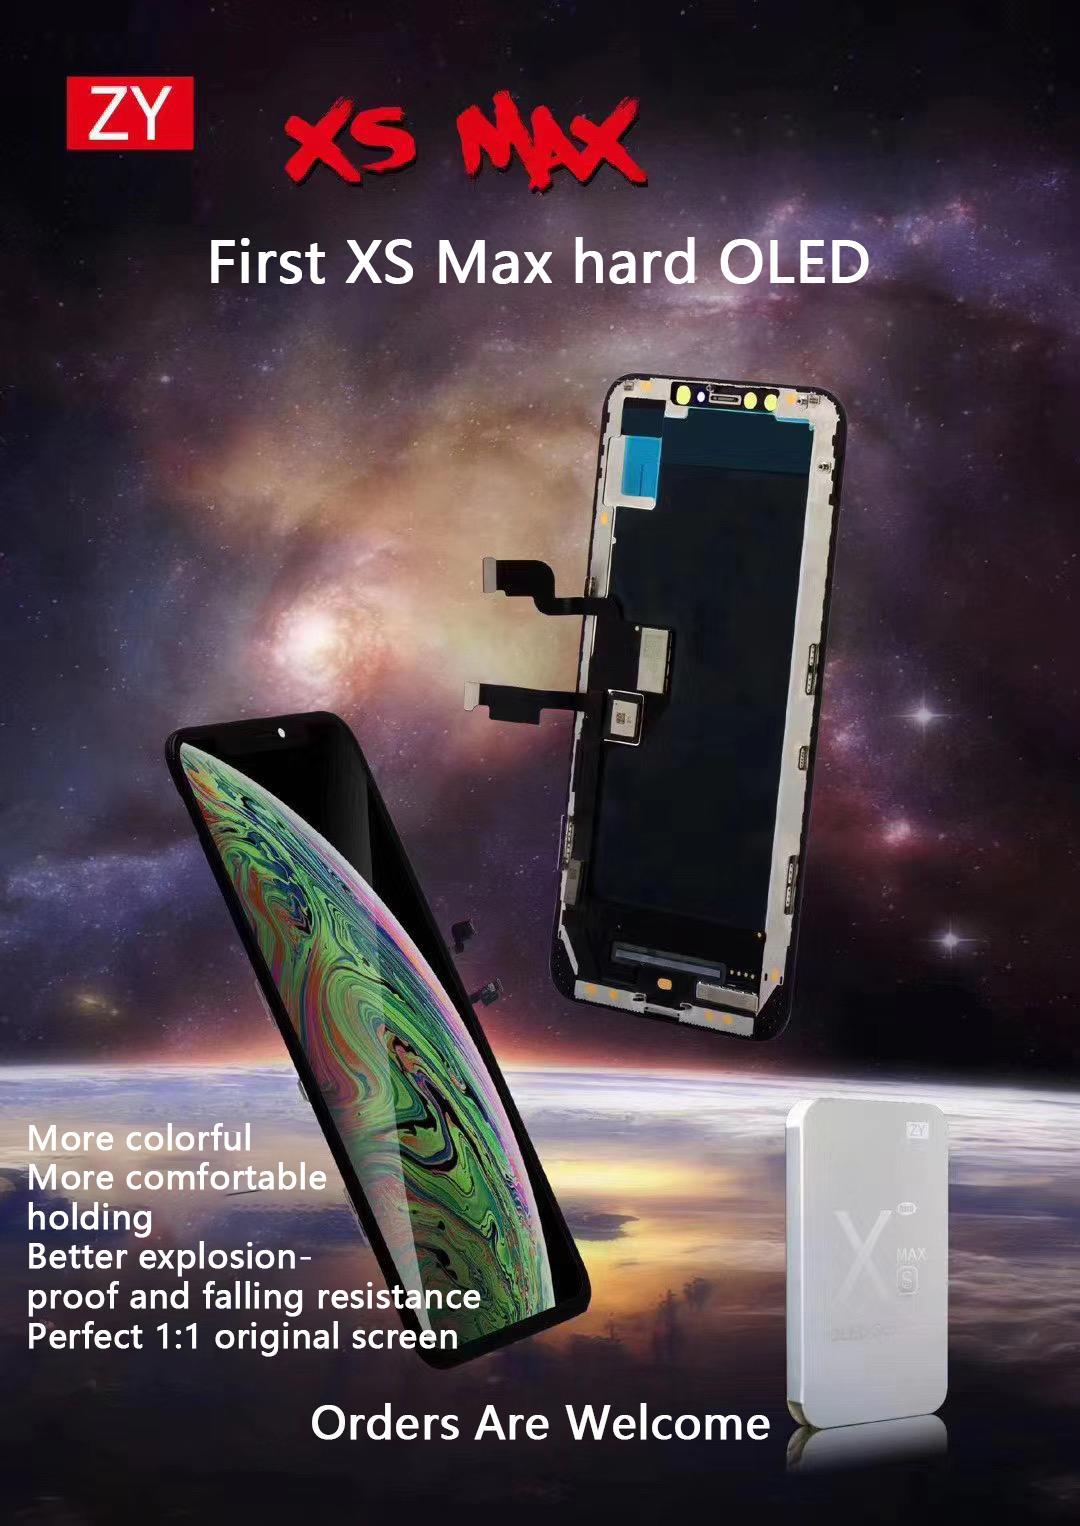 Paneles táctiles de teléfono celular Pantalla para iPhone XR X XS MAX 11 OLED INCELL CON MONTAMIENTO DE DIGITORIZADOR 3D No PIEZAS DE PANTALLA DE REEMPLAZO DE PANTALLA LCD PIXEL DENAD